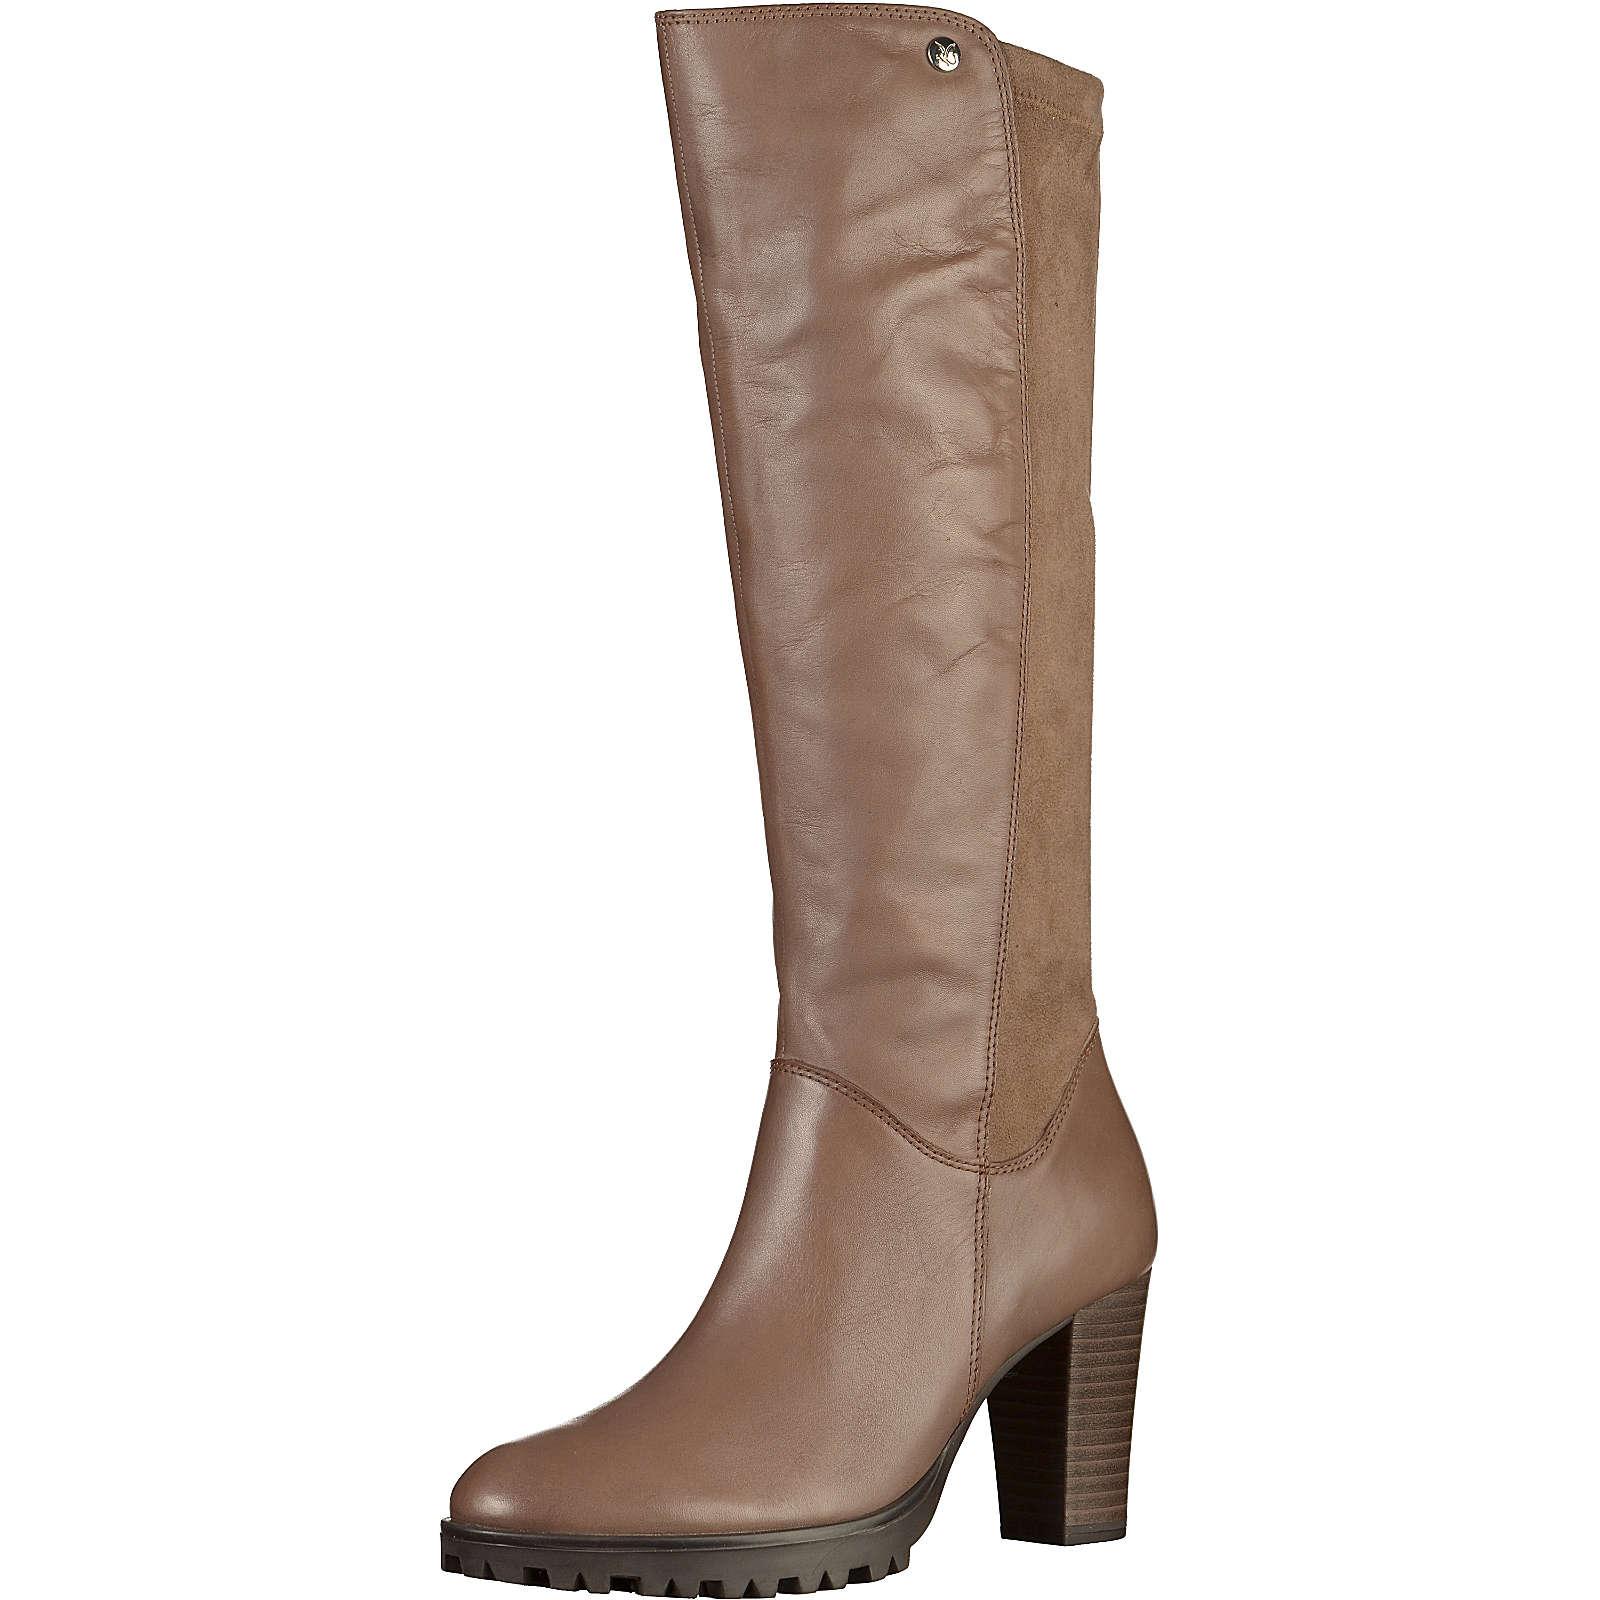 CAPRICE Klassische Stiefel grau Damen Gr. 40